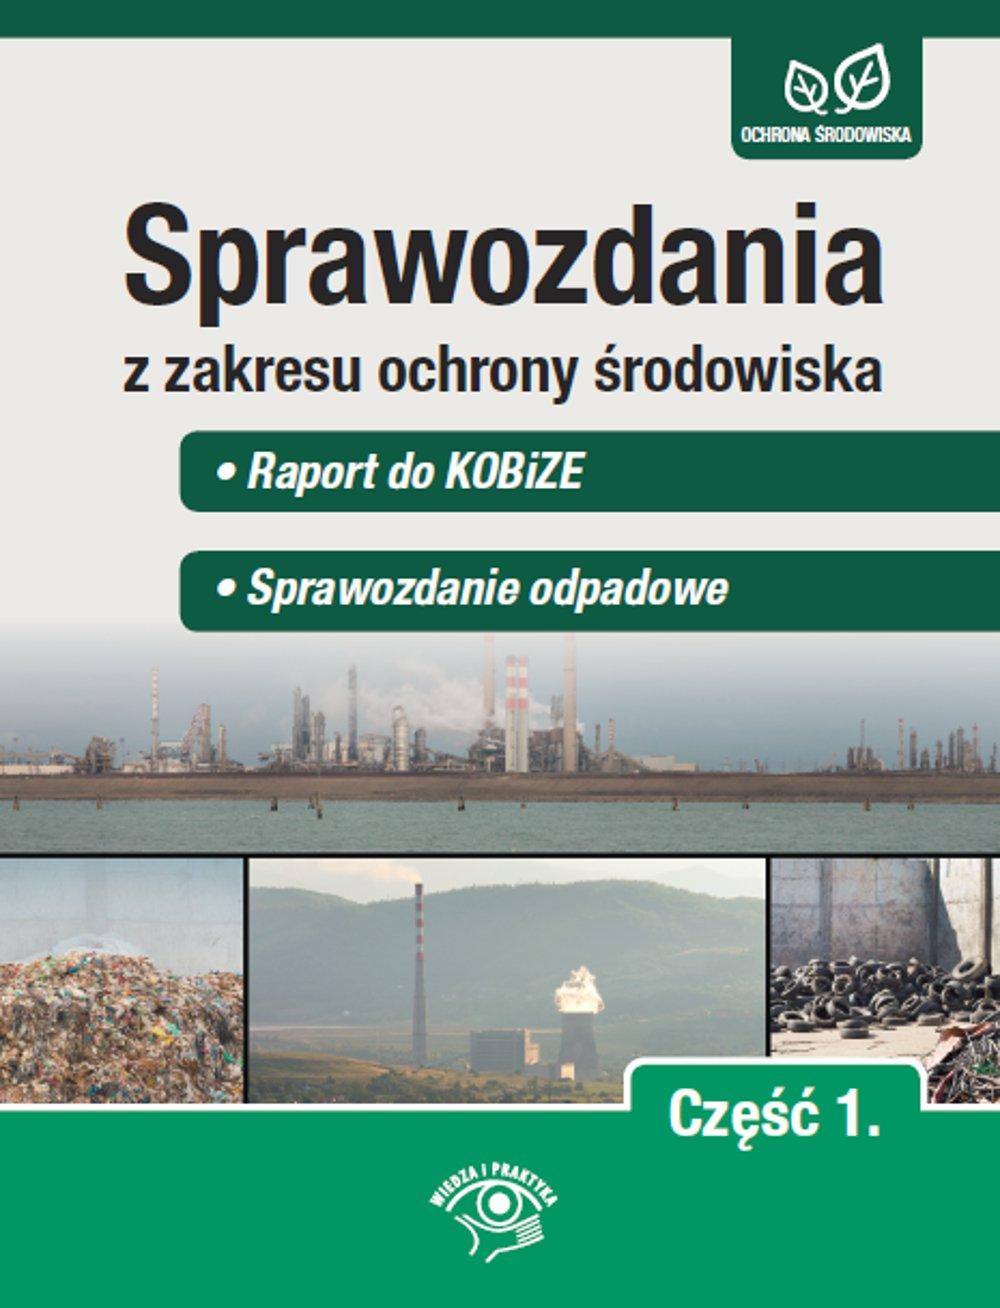 Sprawozdania z zakresu ochrony środowiska Część 1. Raport do KOBiZE. Sprawozdanie odpadowe - Ebook (Książka na Kindle) do pobrania w formacie MOBI